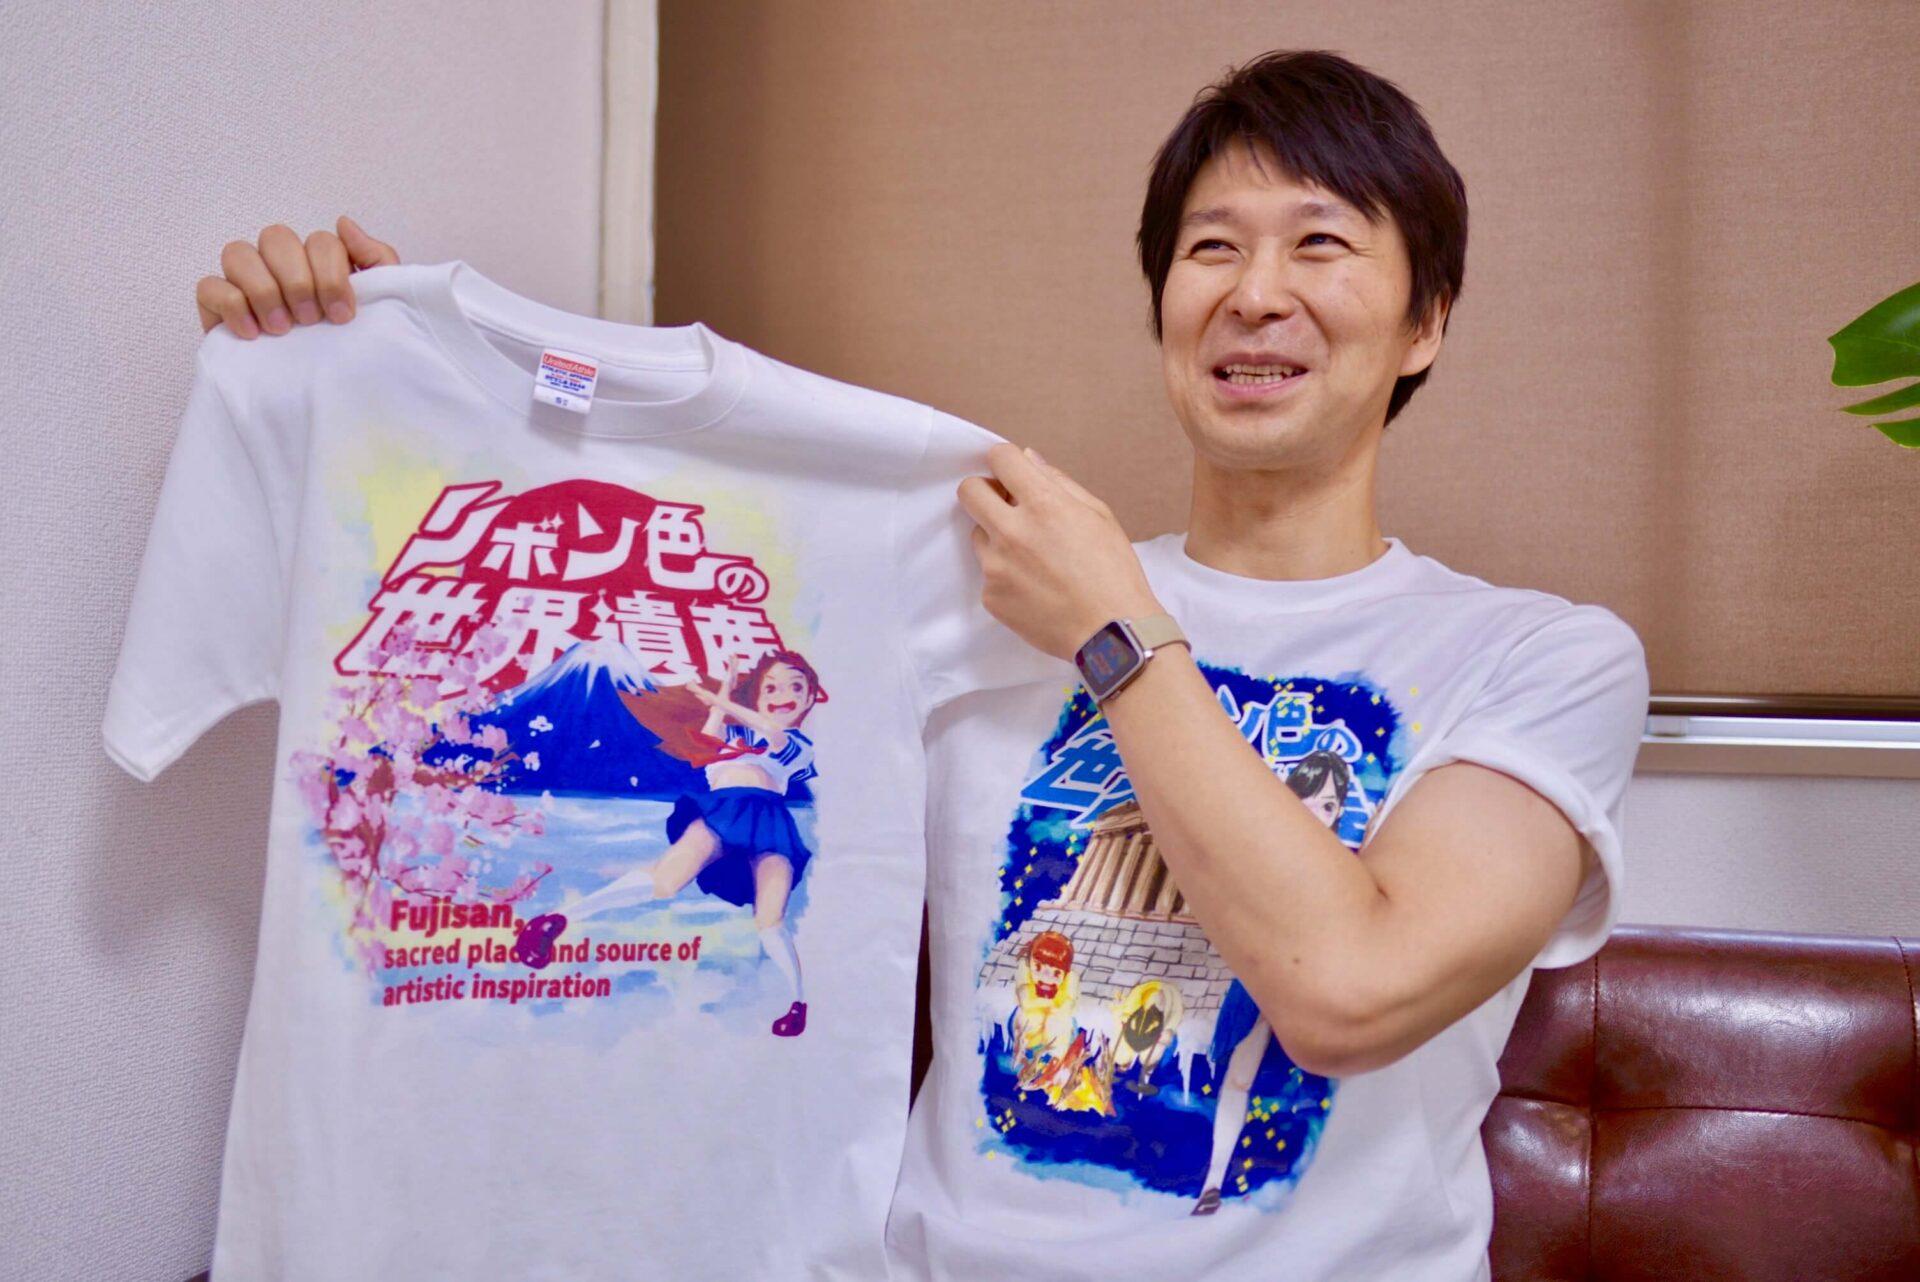 Tシャツを紹介するクマタローさん